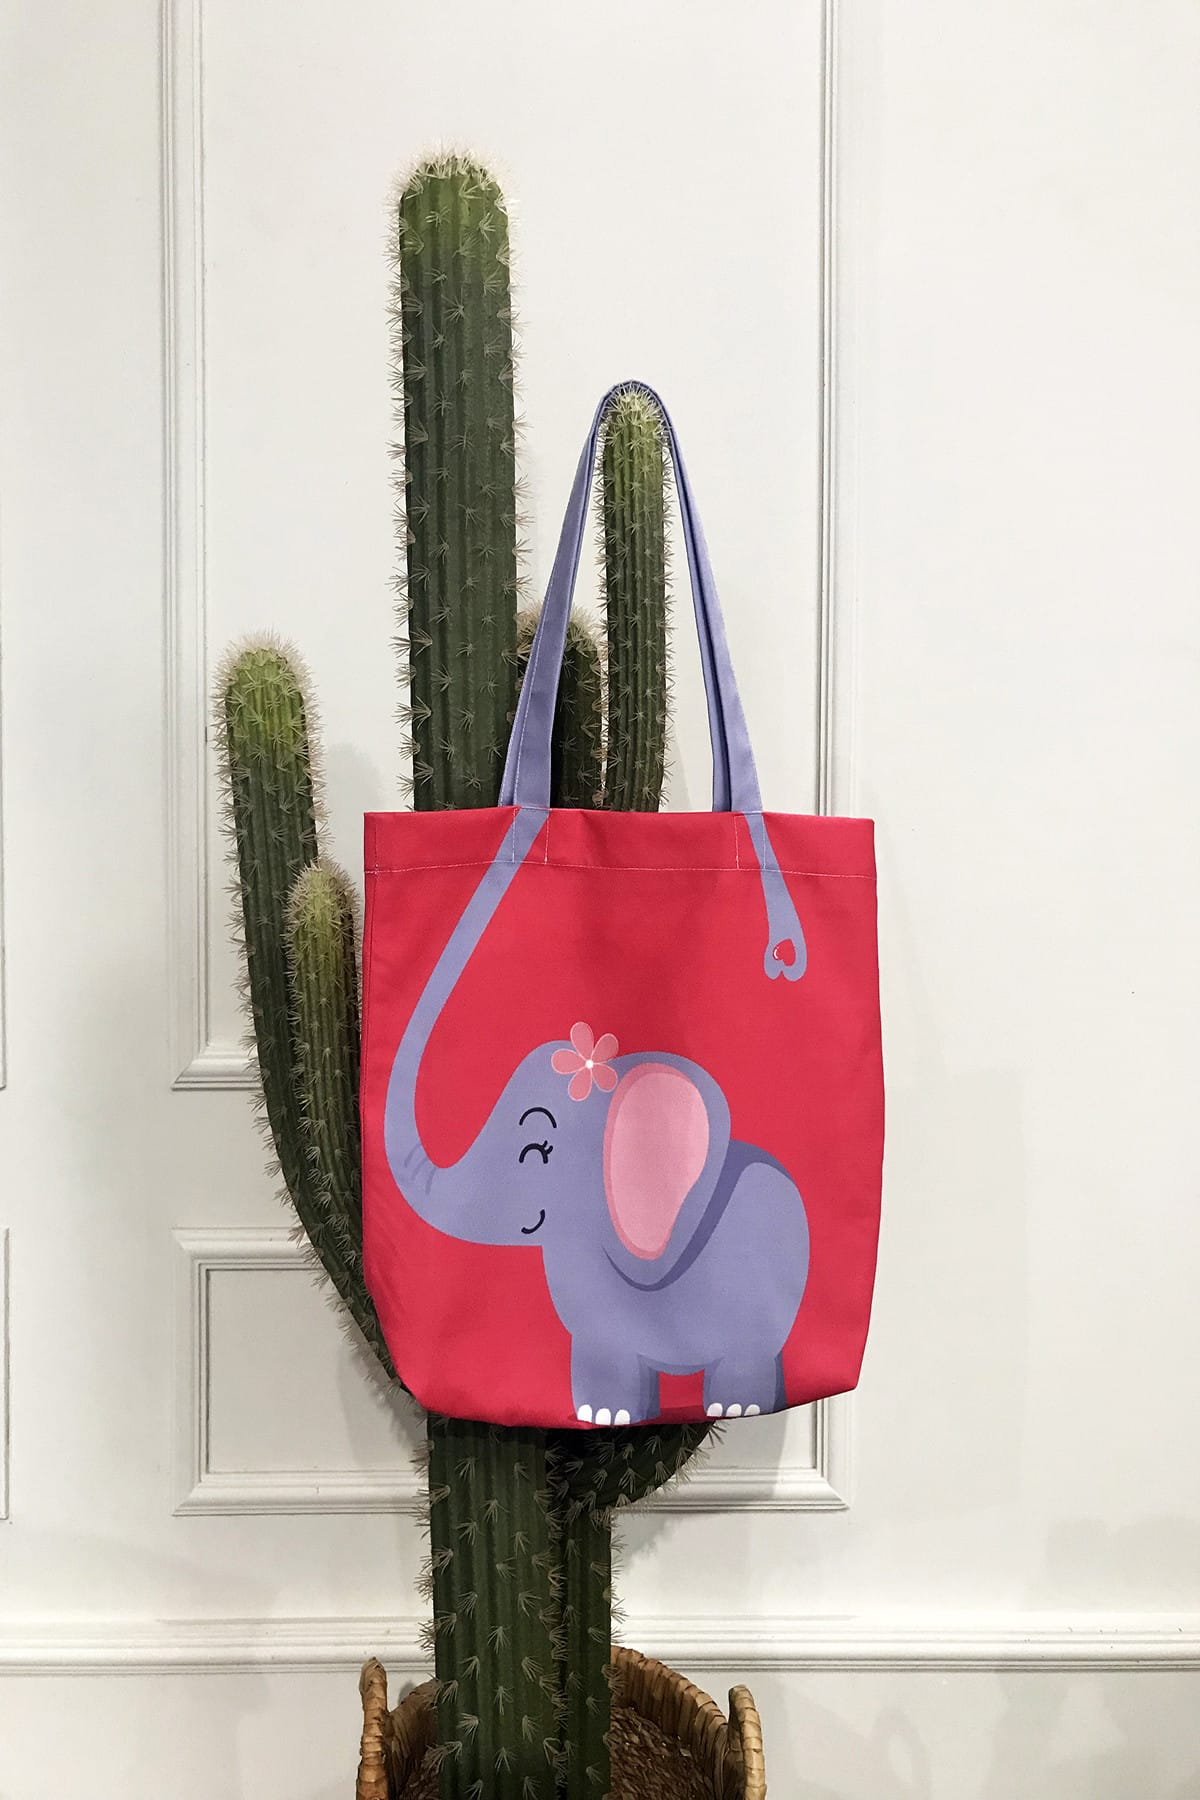 Пляжная сумка | Рисунок слона | Летняя мода 2021 | Модная и шикарная | Использование полезно | Ежедневное использование и подарок | Женская мода |...